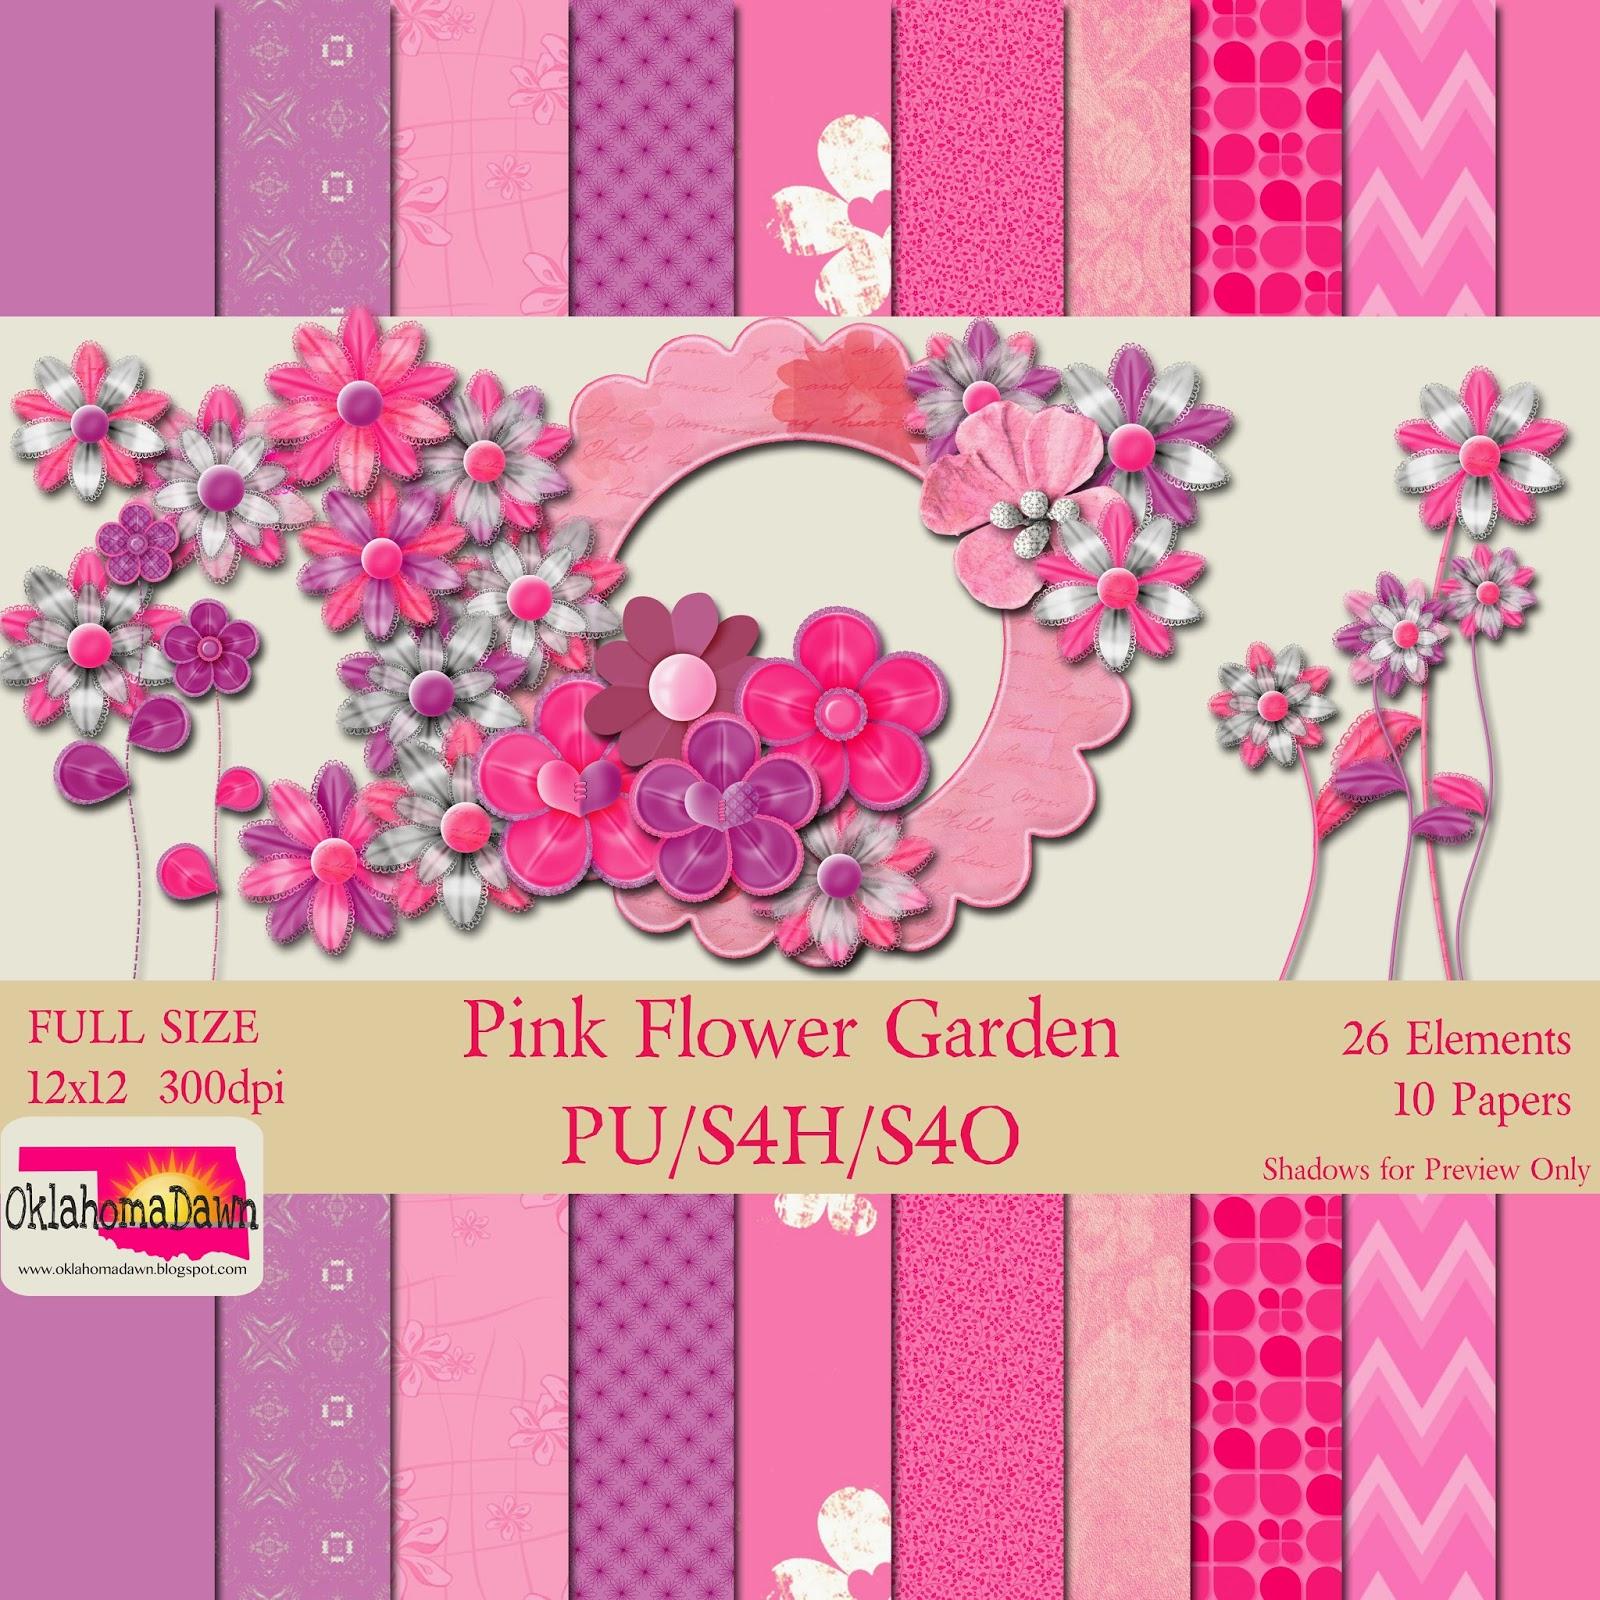 http://4.bp.blogspot.com/-LtJtvTUA6AQ/U8Kxcl2QjEI/AAAAAAAAAqM/6K2kr_q0jDY/s1600/Pink+Flower+Garden+Preview.jpg